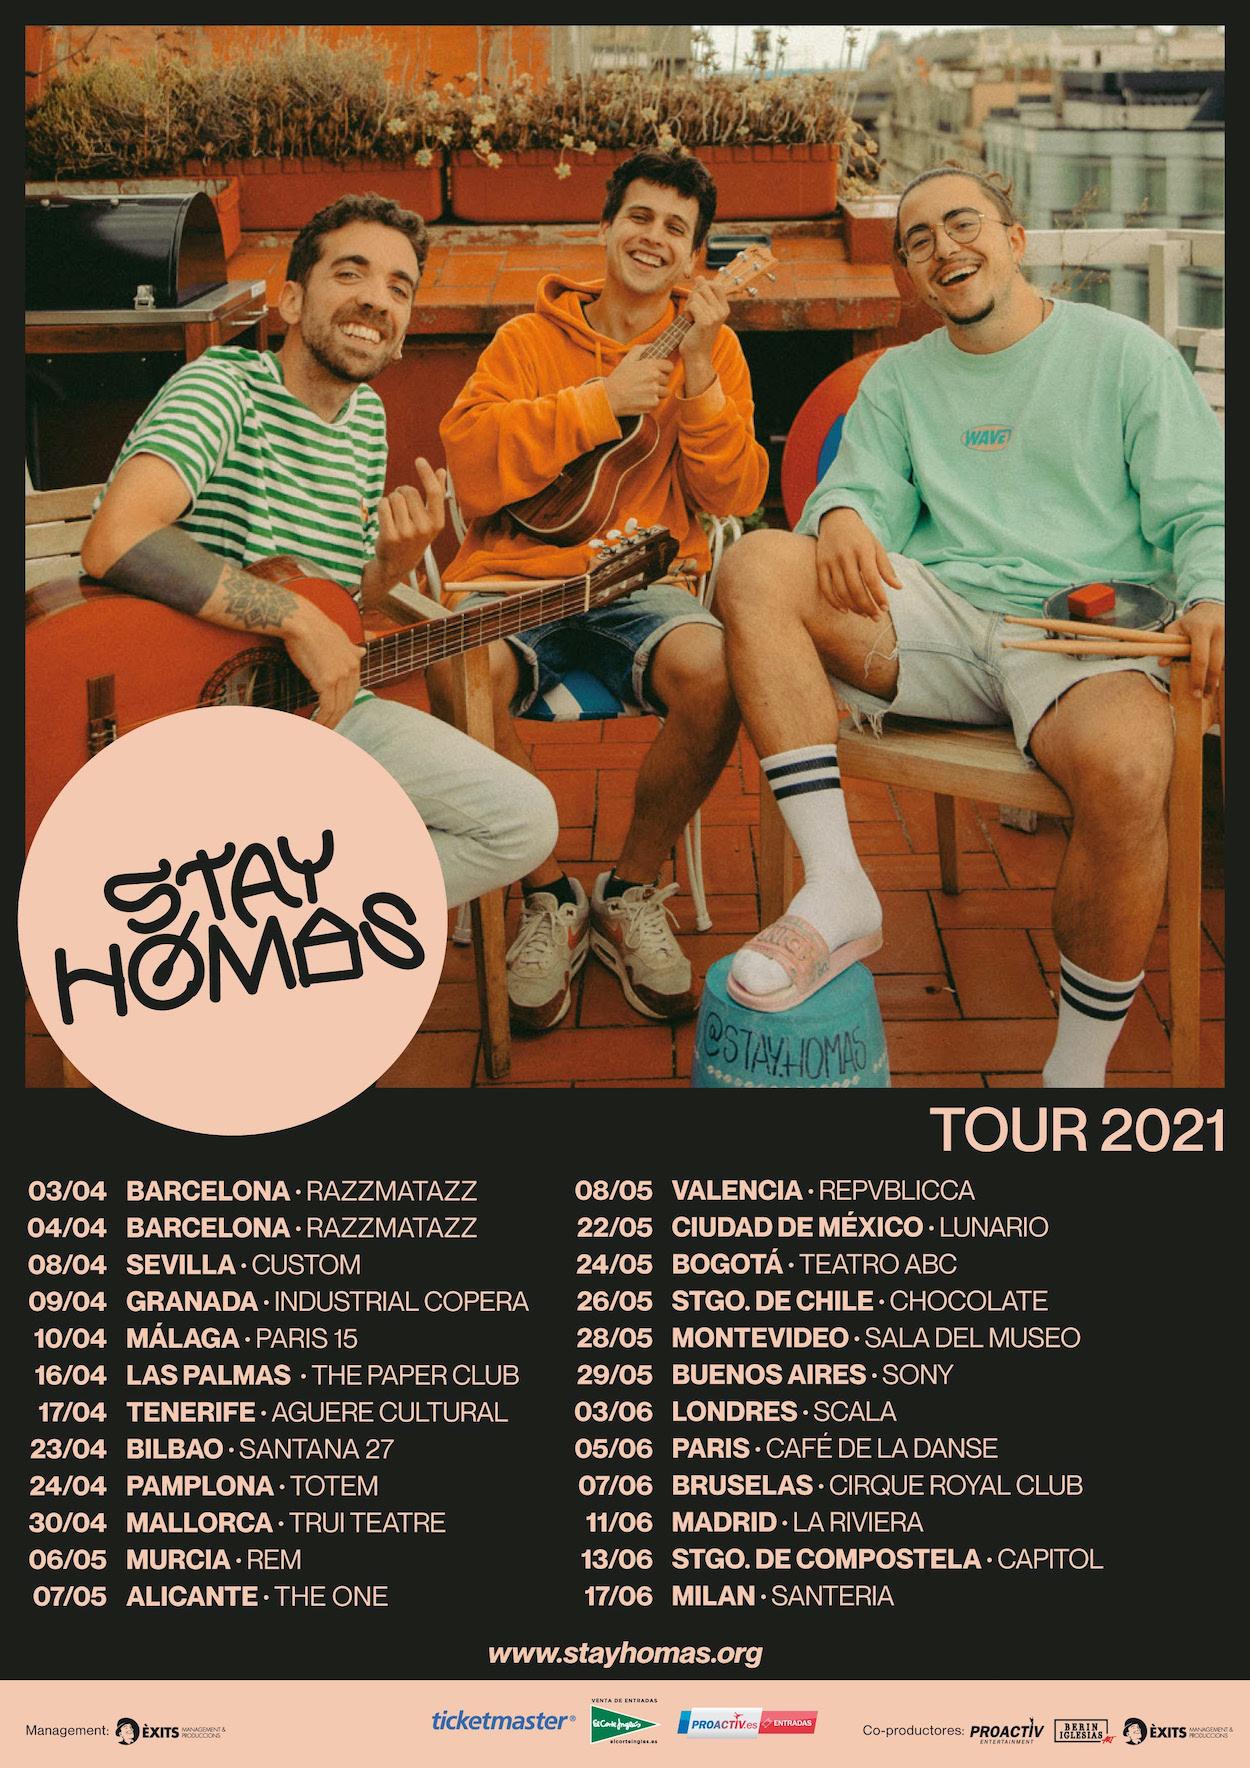 Conciertos de Stay Homas en 2021 en España